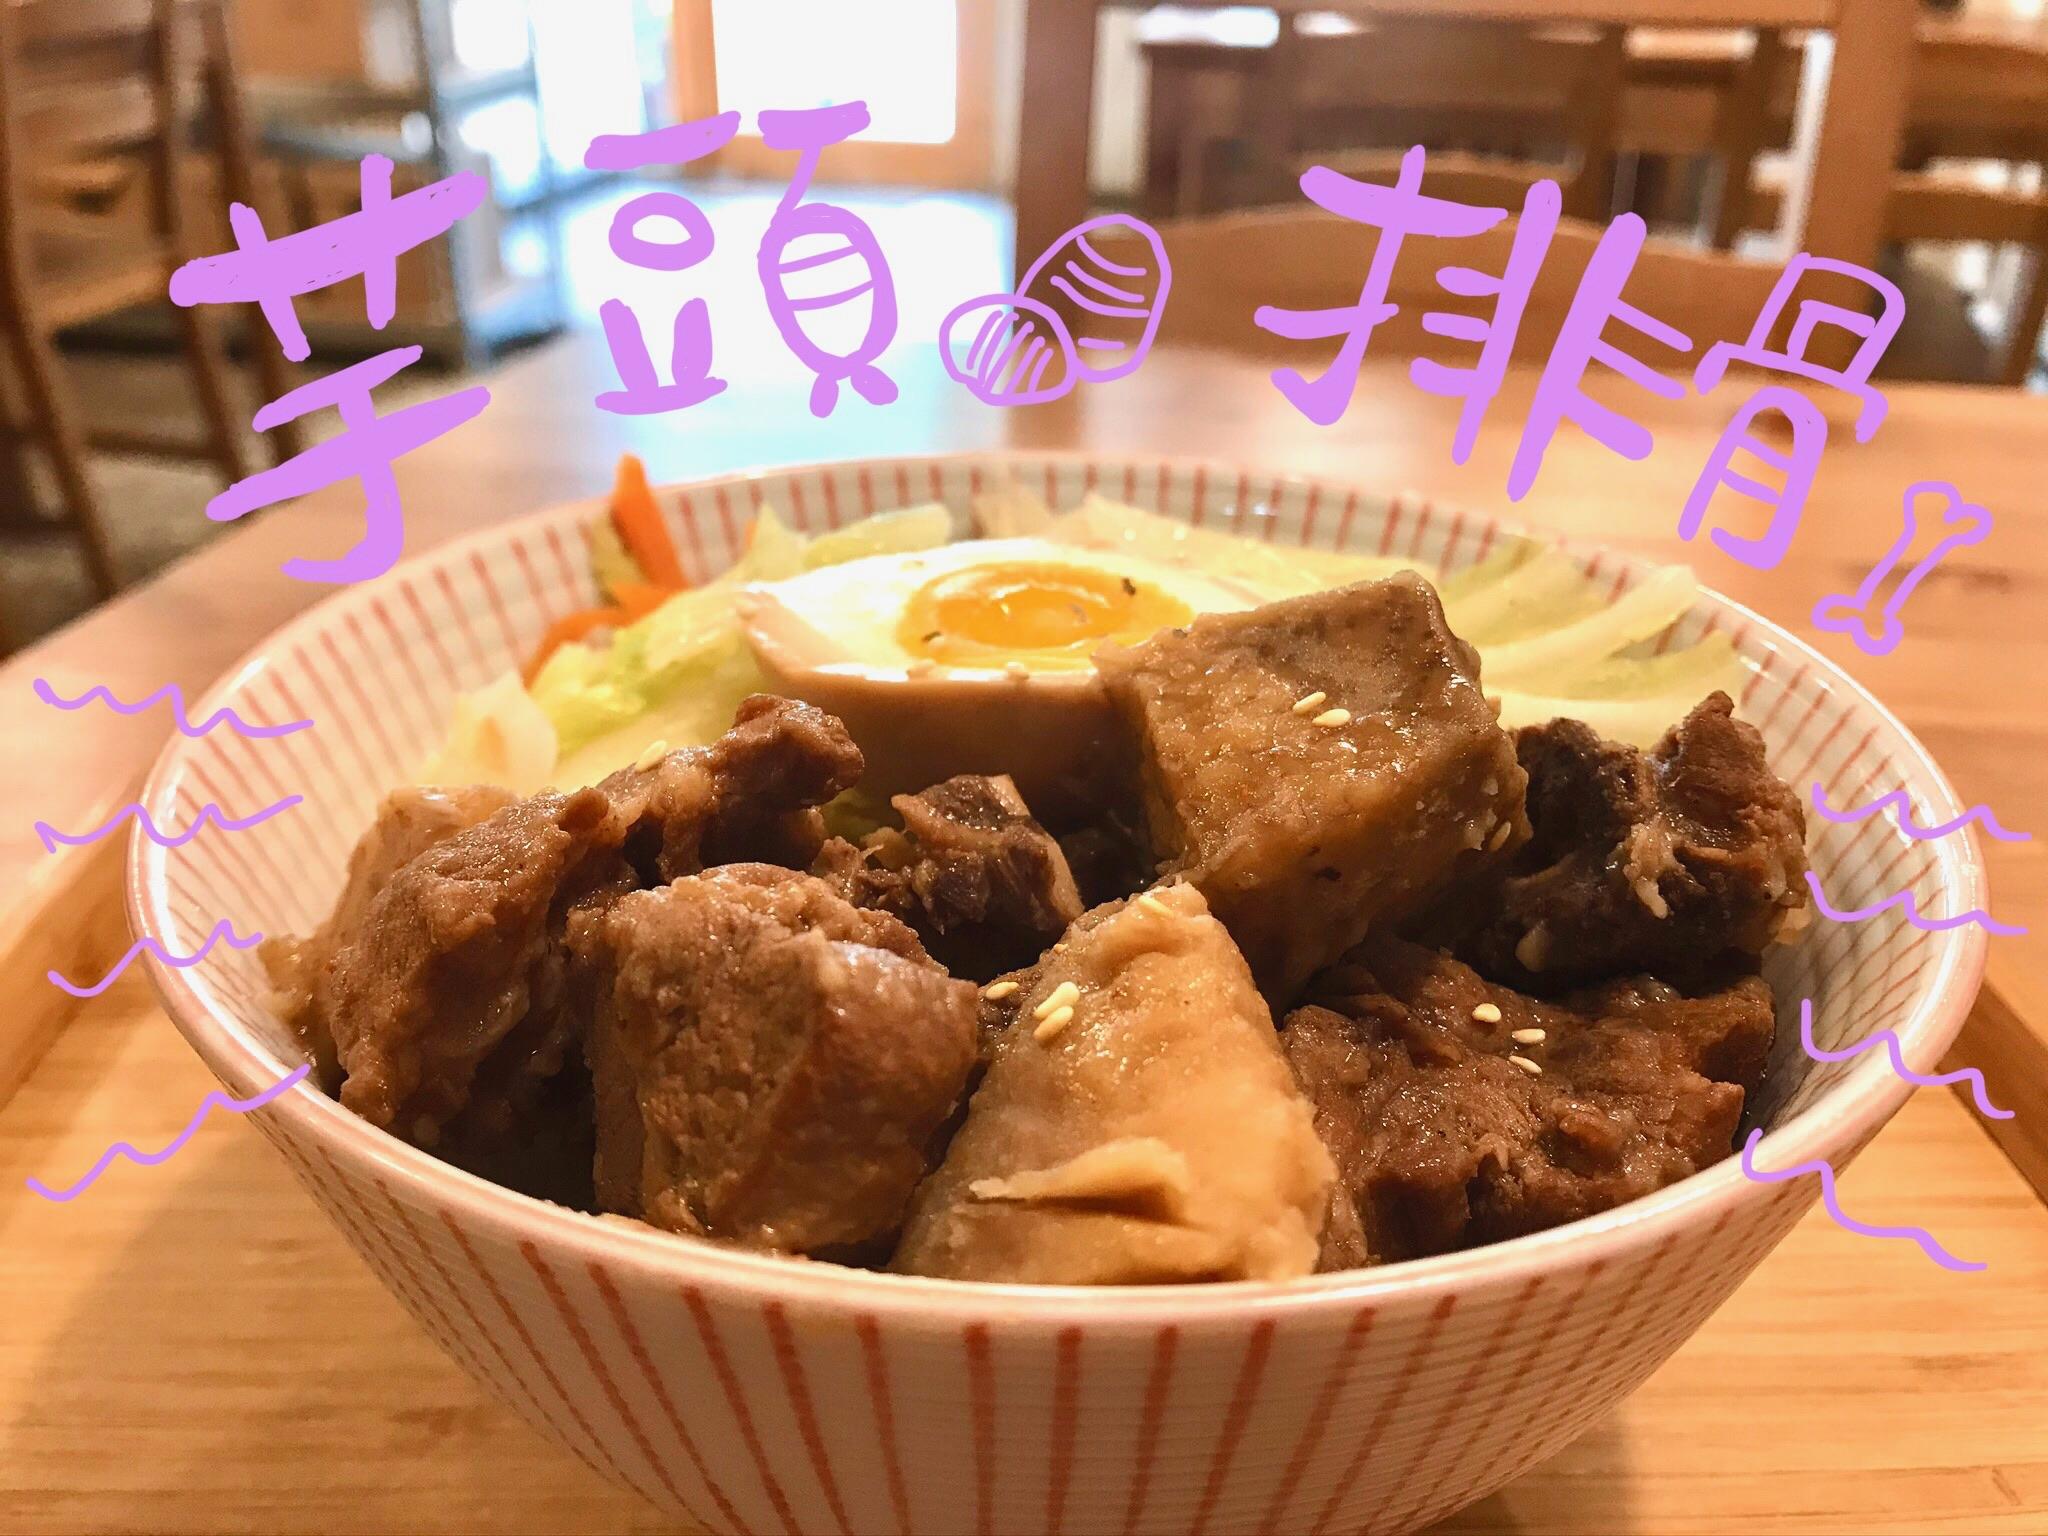 今日特餐|《芋頭排骨》,芋頭鬆軟綿密排骨鹹香入味